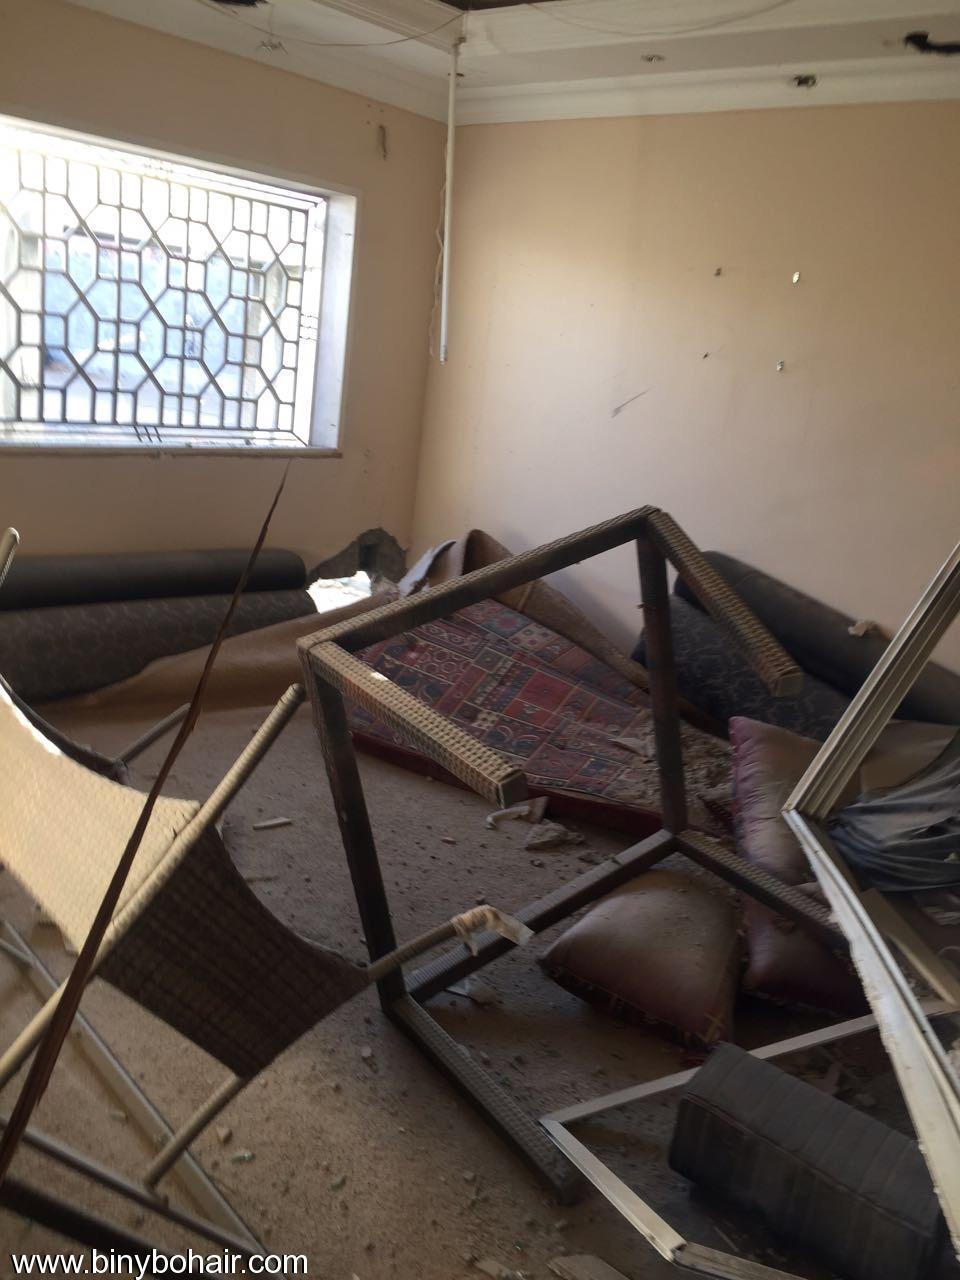 """بالصور ..سقوط قذائف منزل """" tu471887.jpeg"""